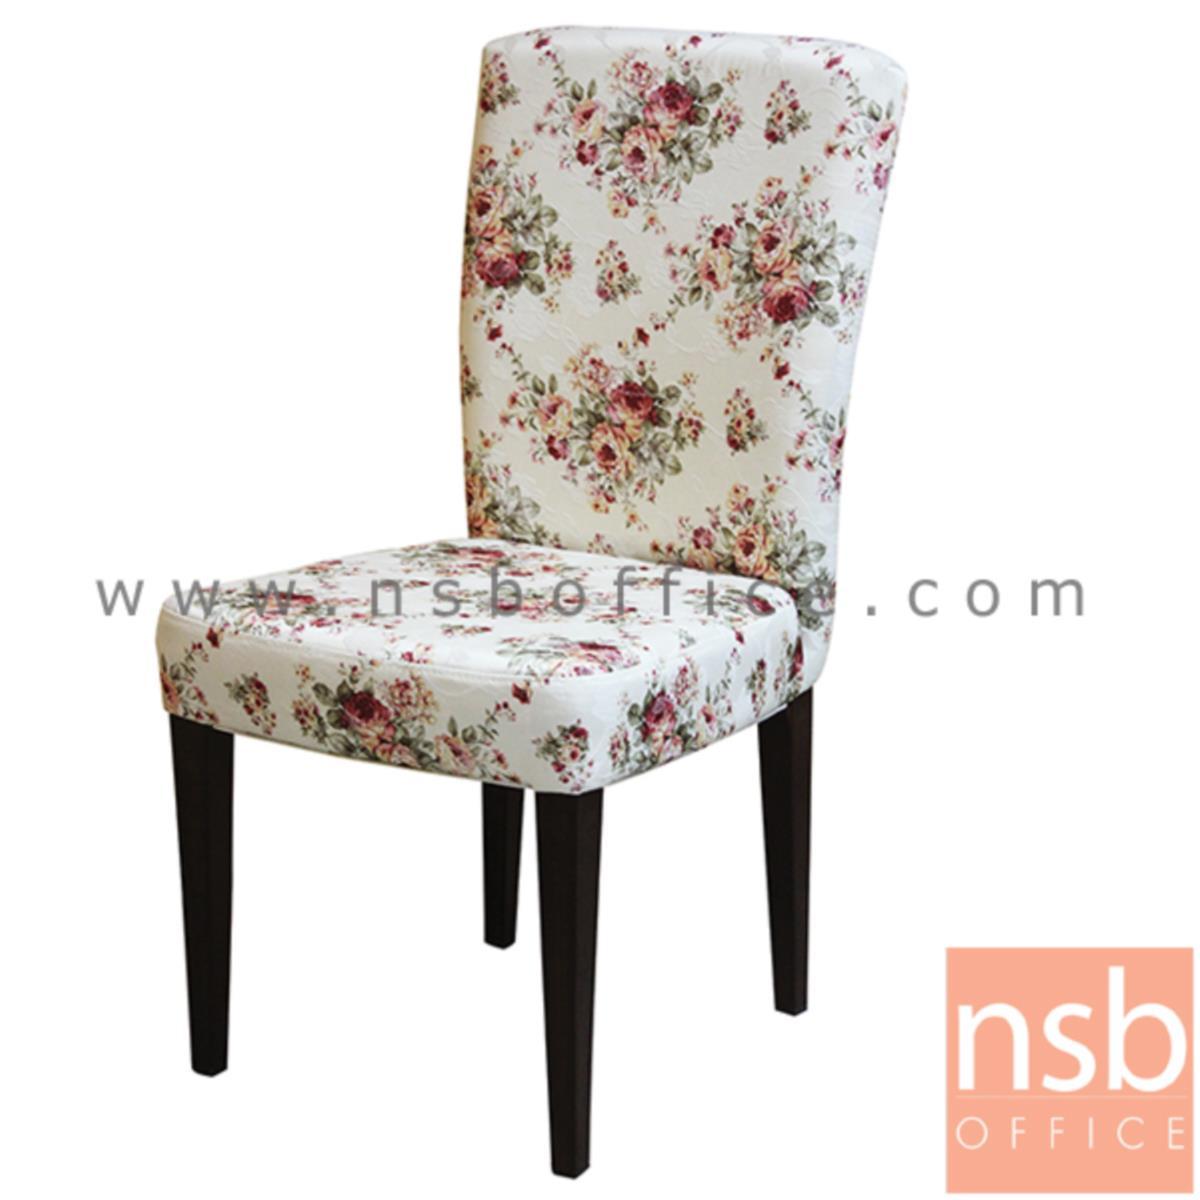 B08A065:เก้าอี้เหล็กที่นั่งหุ้มหนัง PU รุ่น Zoffany (โซฟฟานี) ขาเหล็กพ่นสีไม้จริง